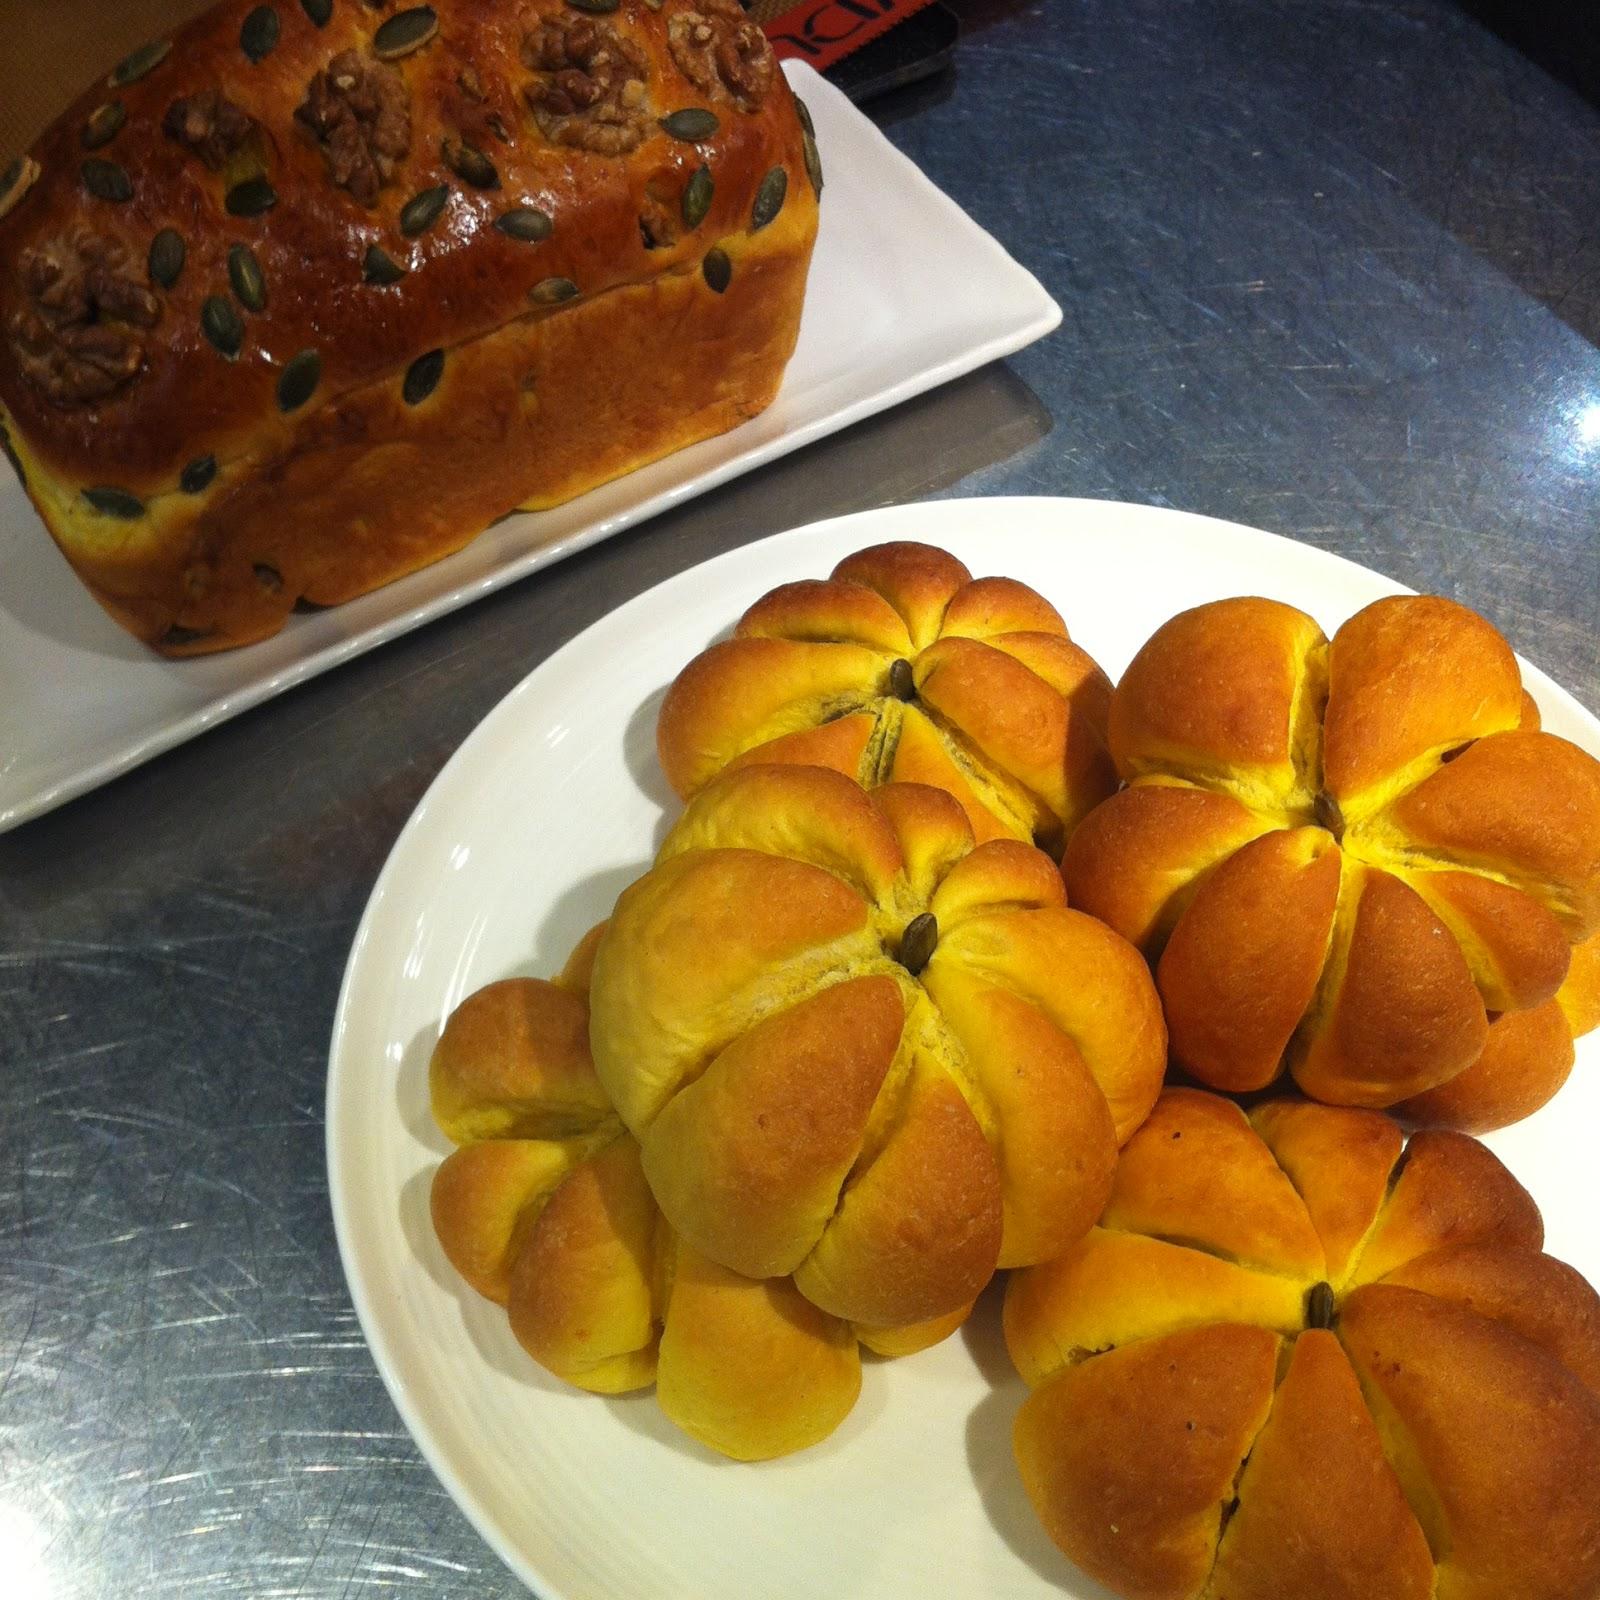 [kitb萌早餐] 煤氣烹飪中心 - 南瓜造型麵包 | 《早餐女皇之蔬食日常》